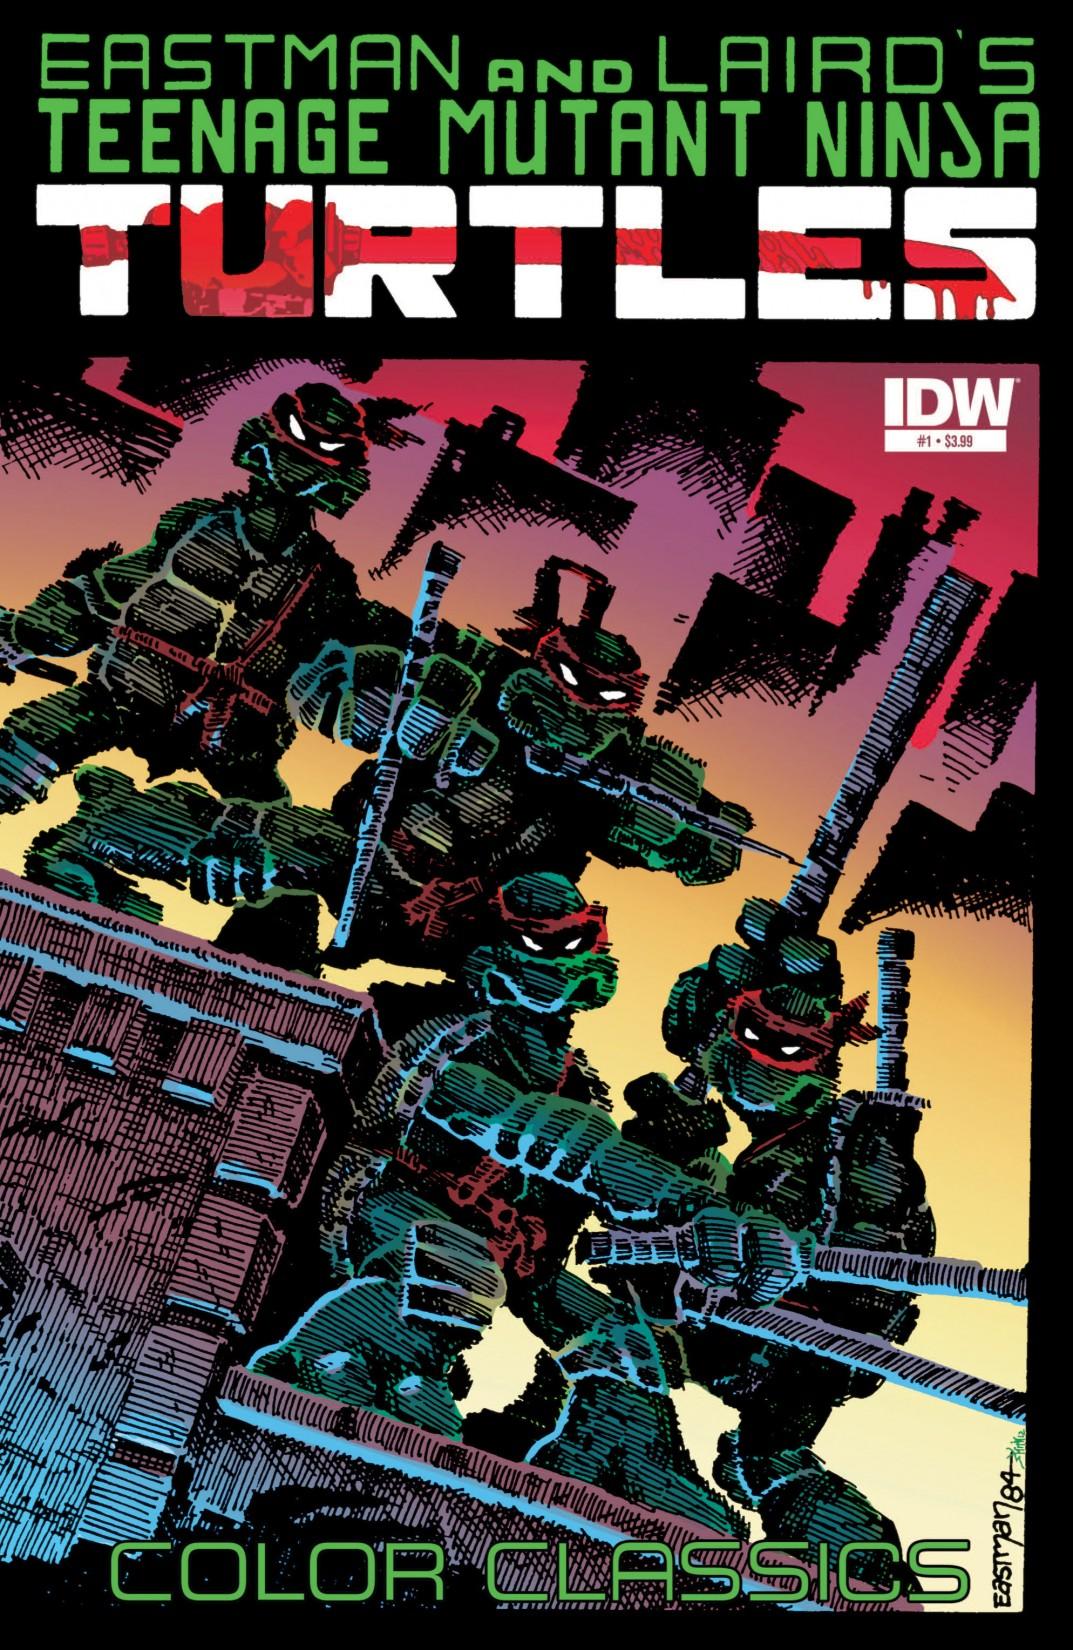 Teenage Mutant Ninja Turtles Color Classics (2012) issue 1 - Page 1